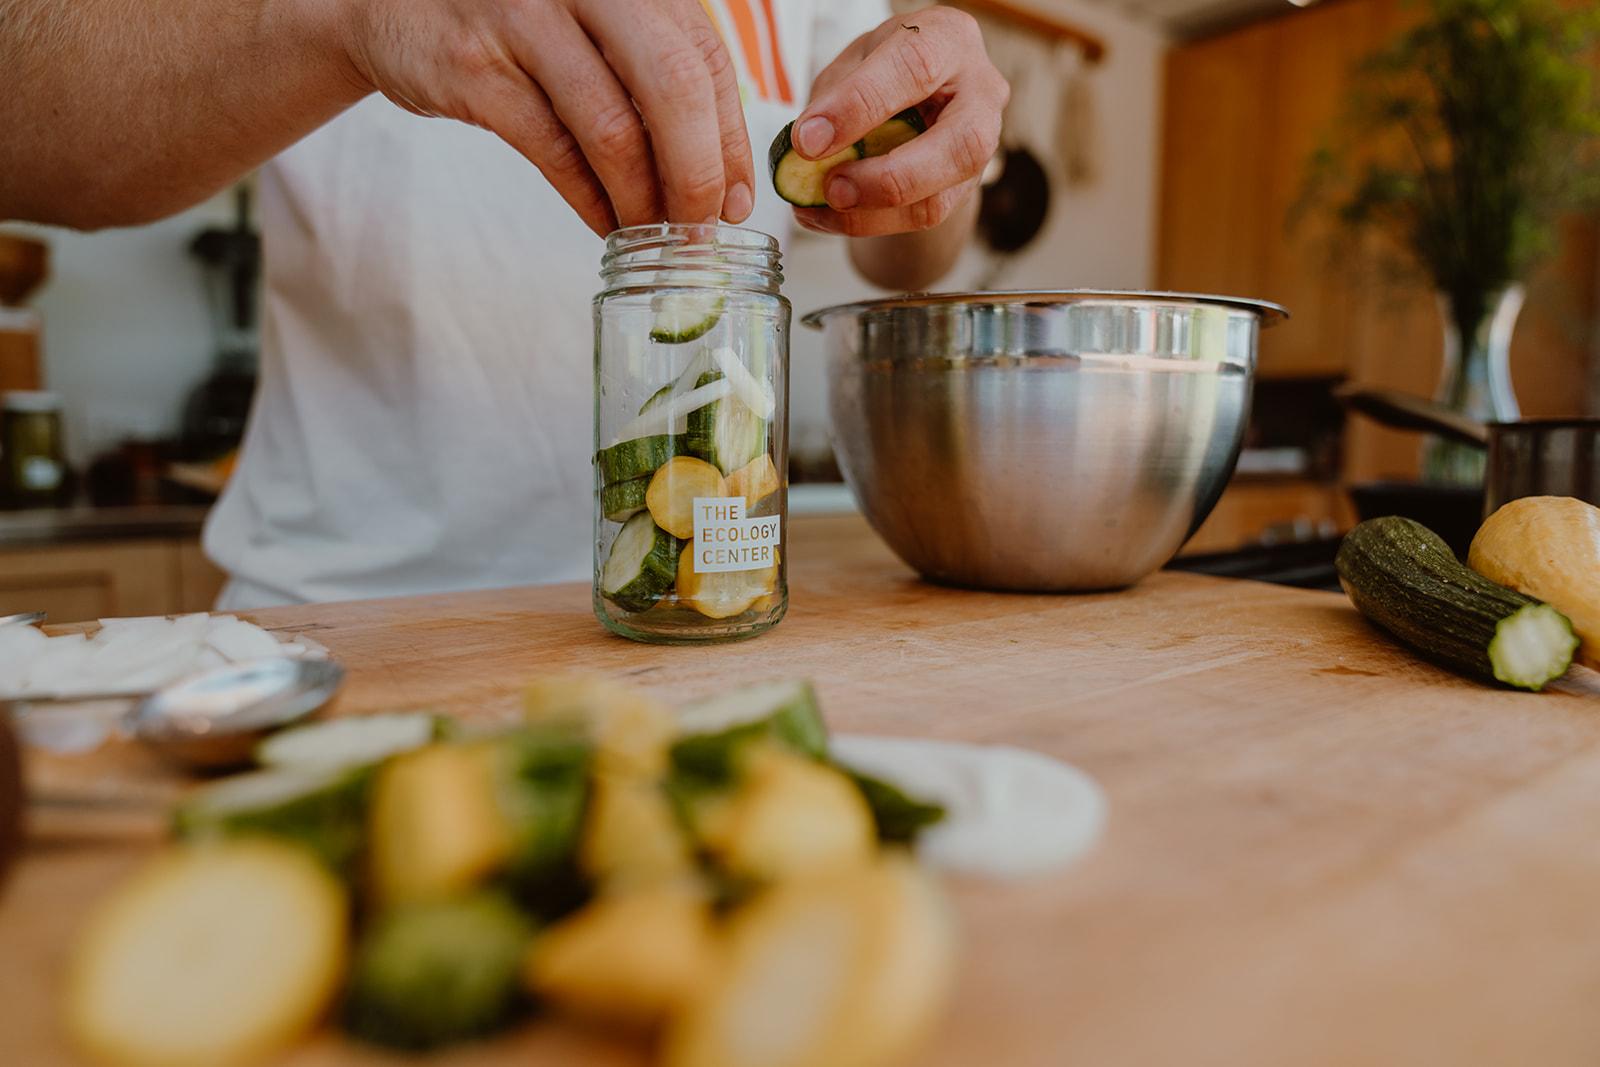 Pickling squash